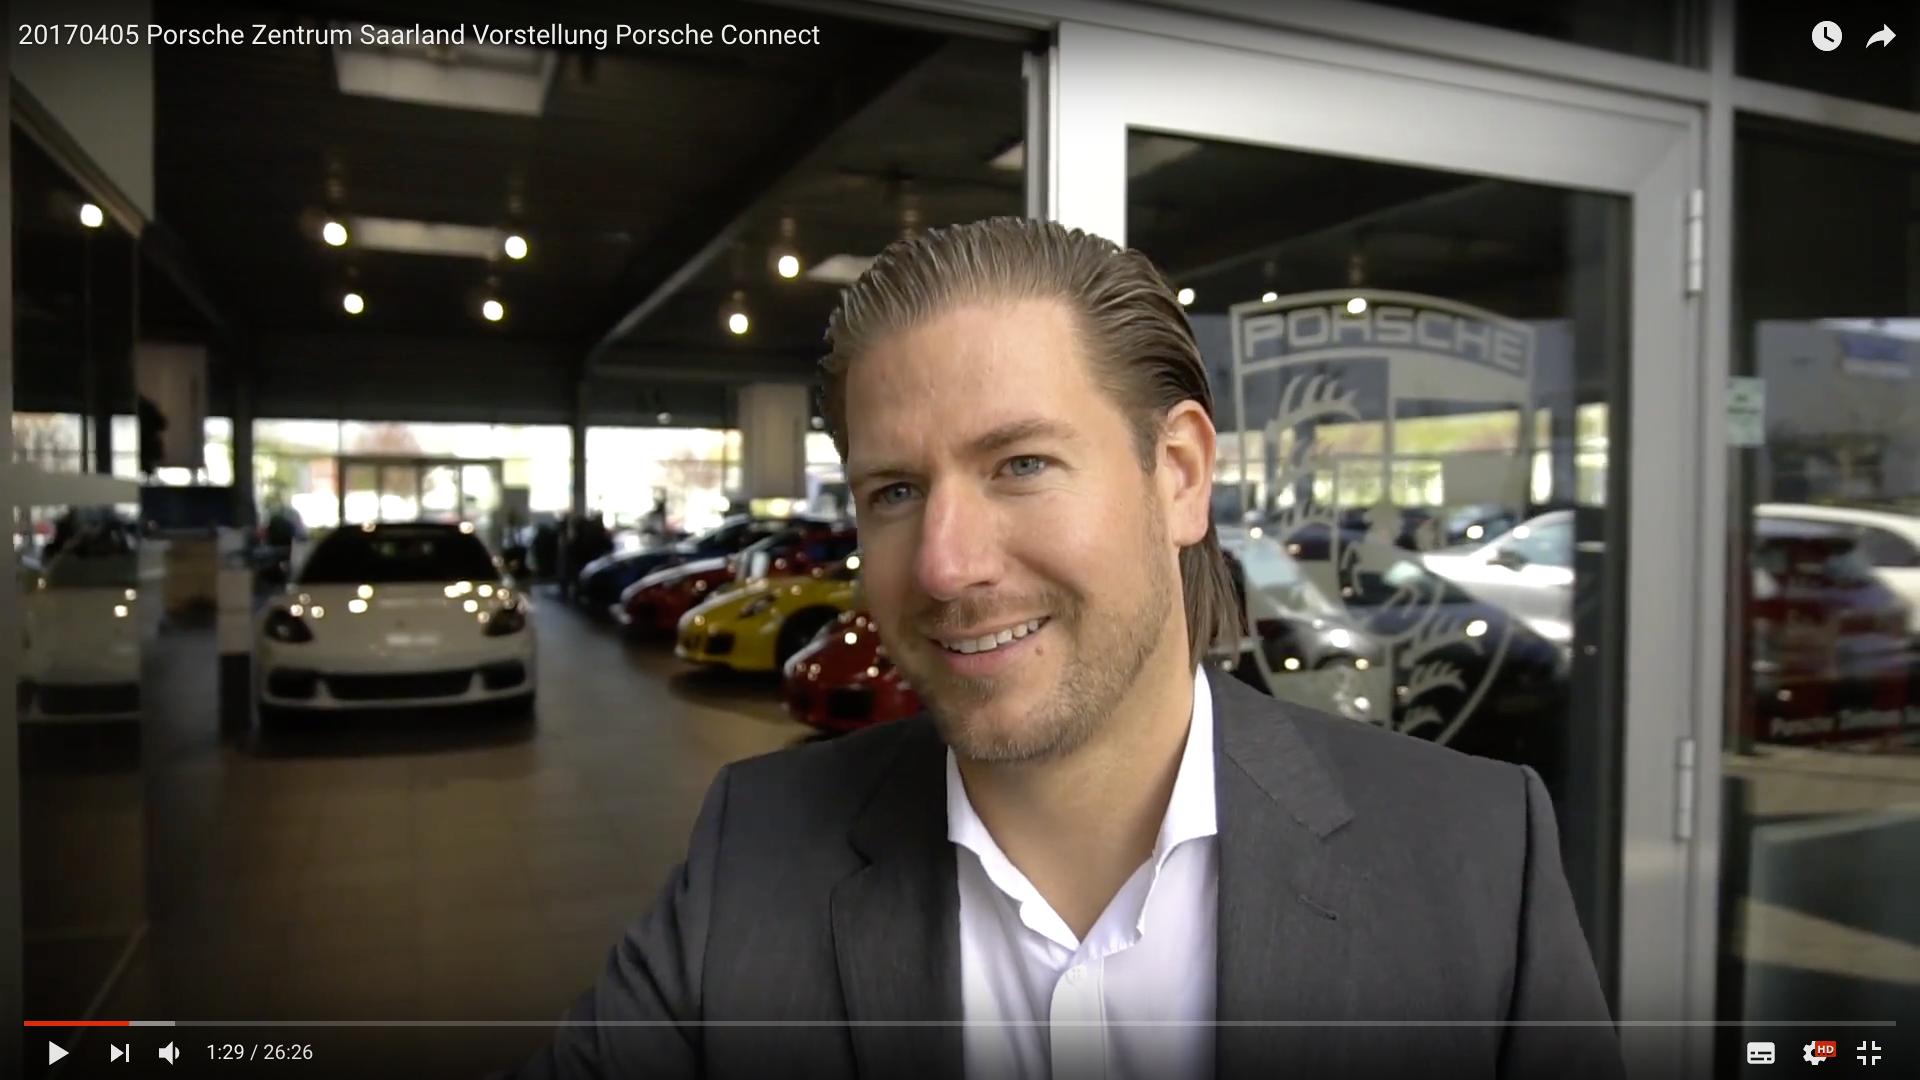 2017 Porsche Zentrum Saarland Vorstellung Porsche Connect Michael Theisen_MSM_MEDIEN_SAAR_MOSEL_SAARLAND_FERNSEHEN_1_ED_SAAR